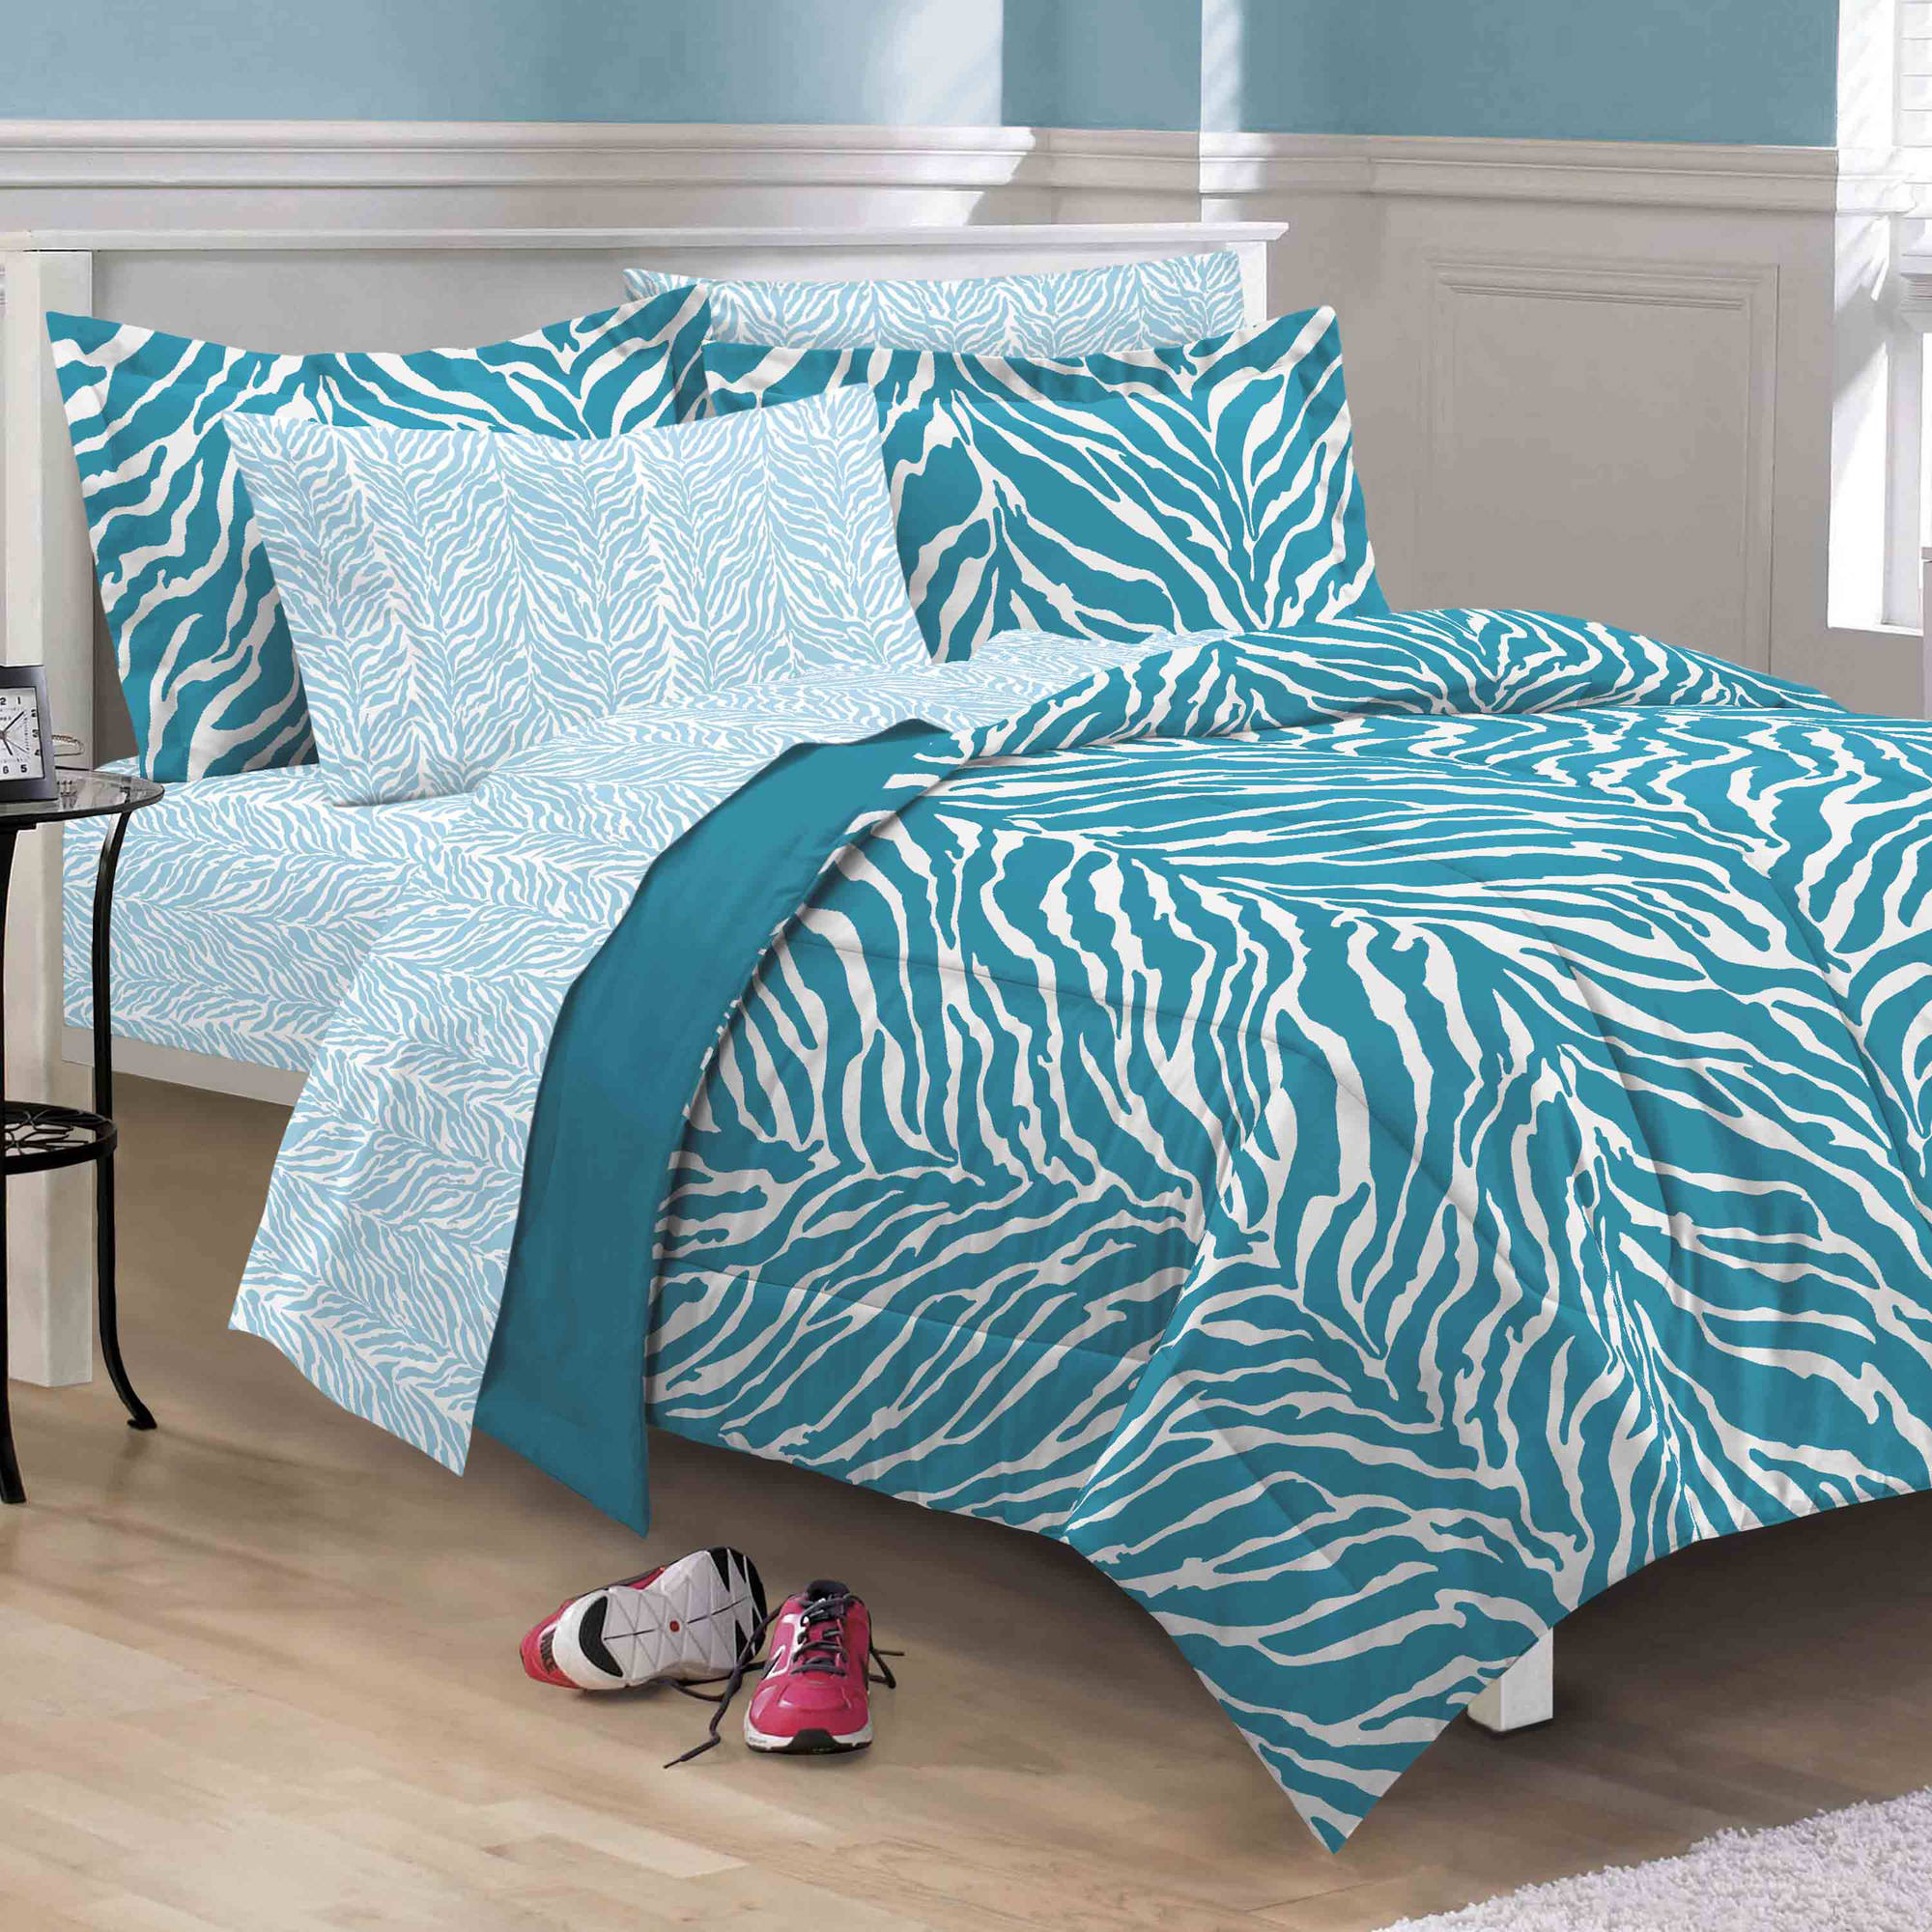 My Room Zebra Aqua Bed in a Bag